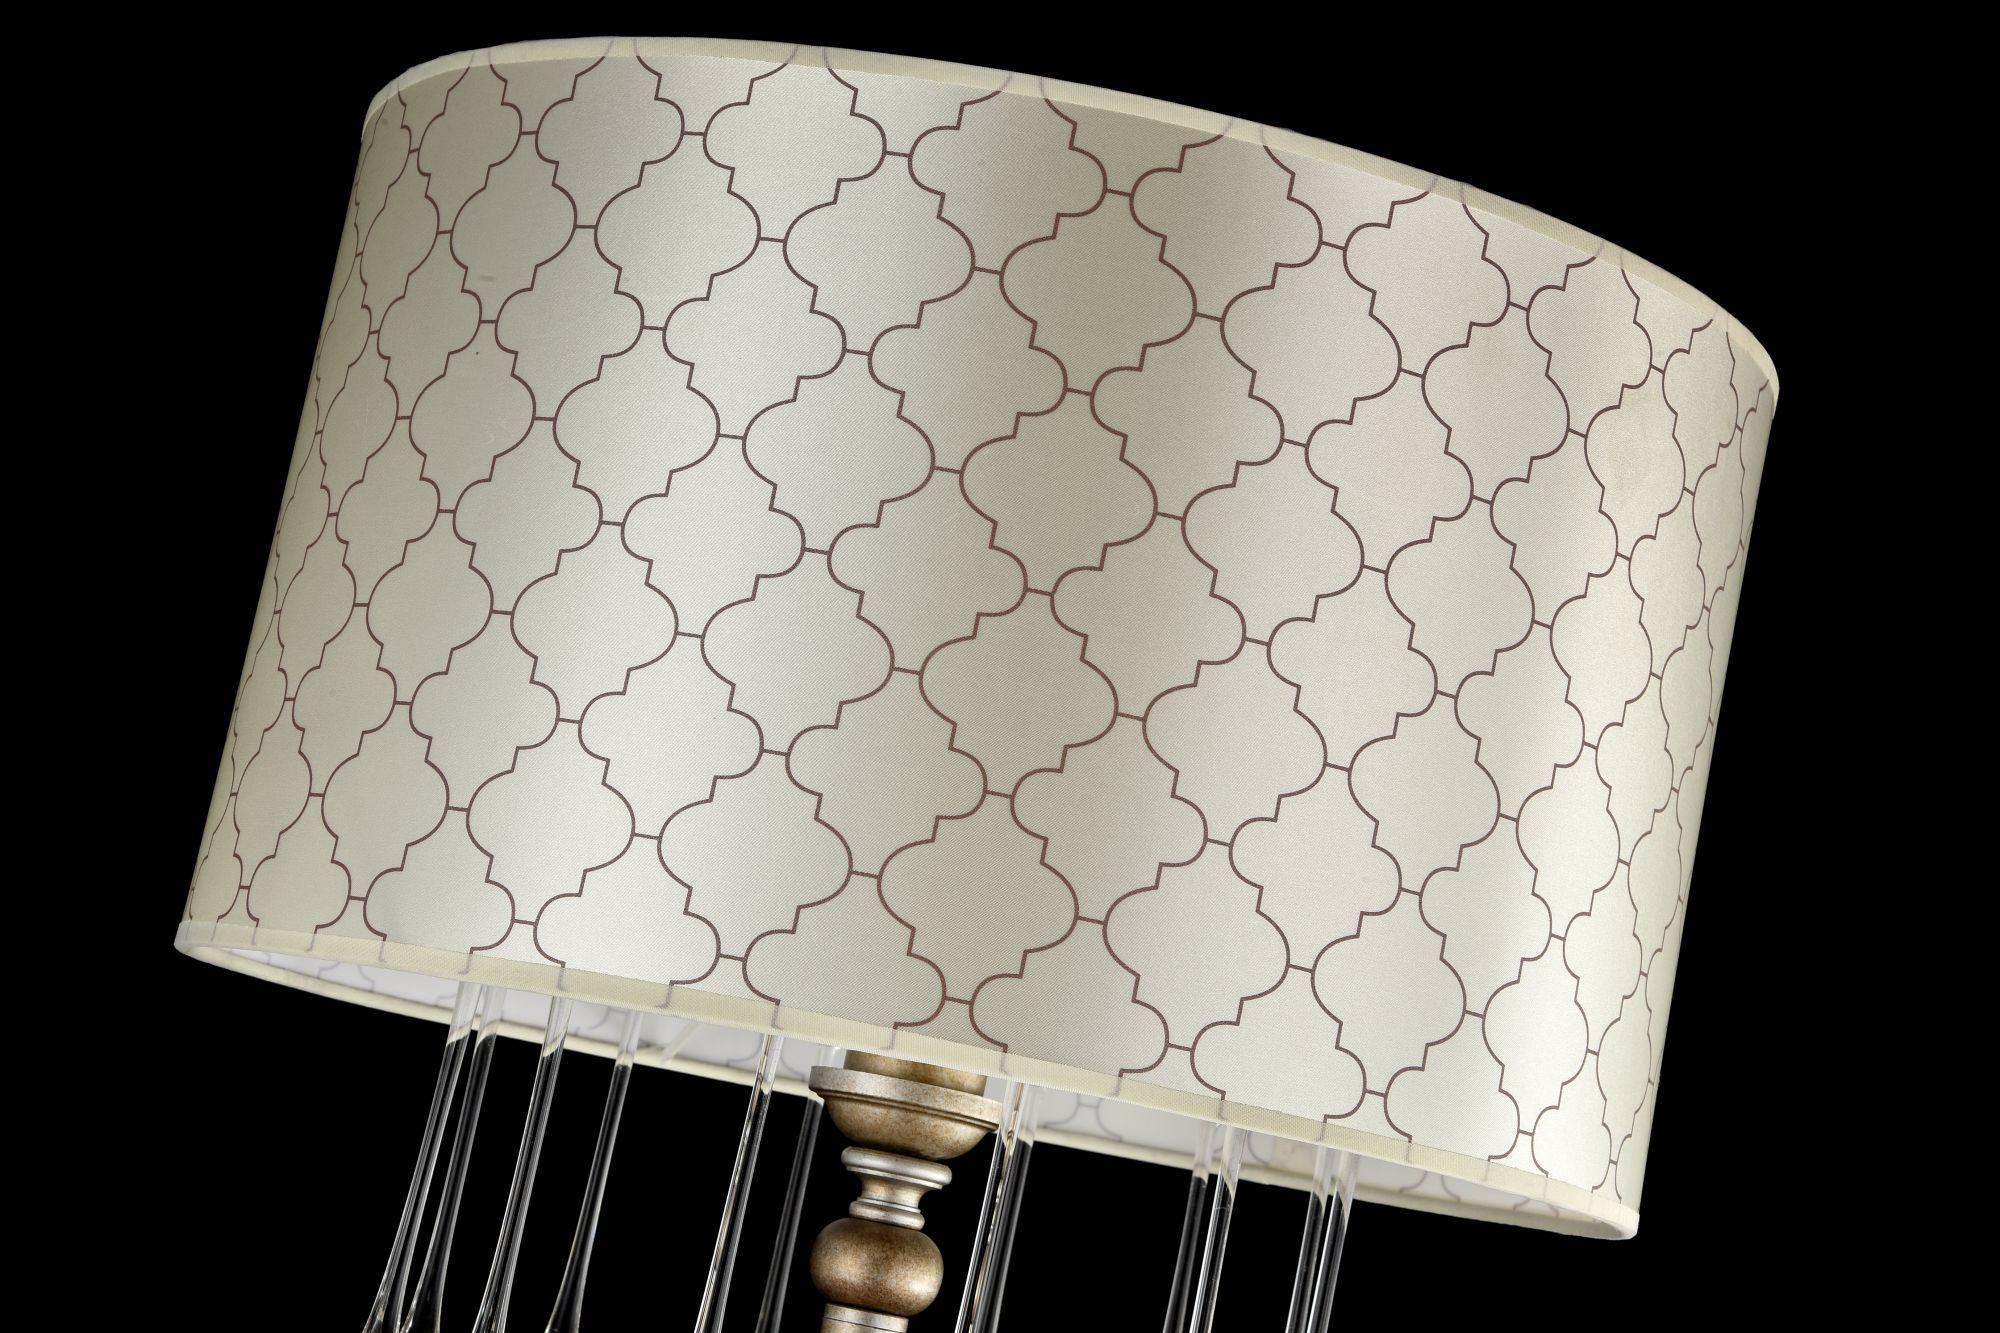 Торшер Maytoni Bience H018-FL-01-NG (dia018-00-ng), 1xE27x40W, серебро, бежевый, прозрачный, металл, текстиль, стекло - фото 5